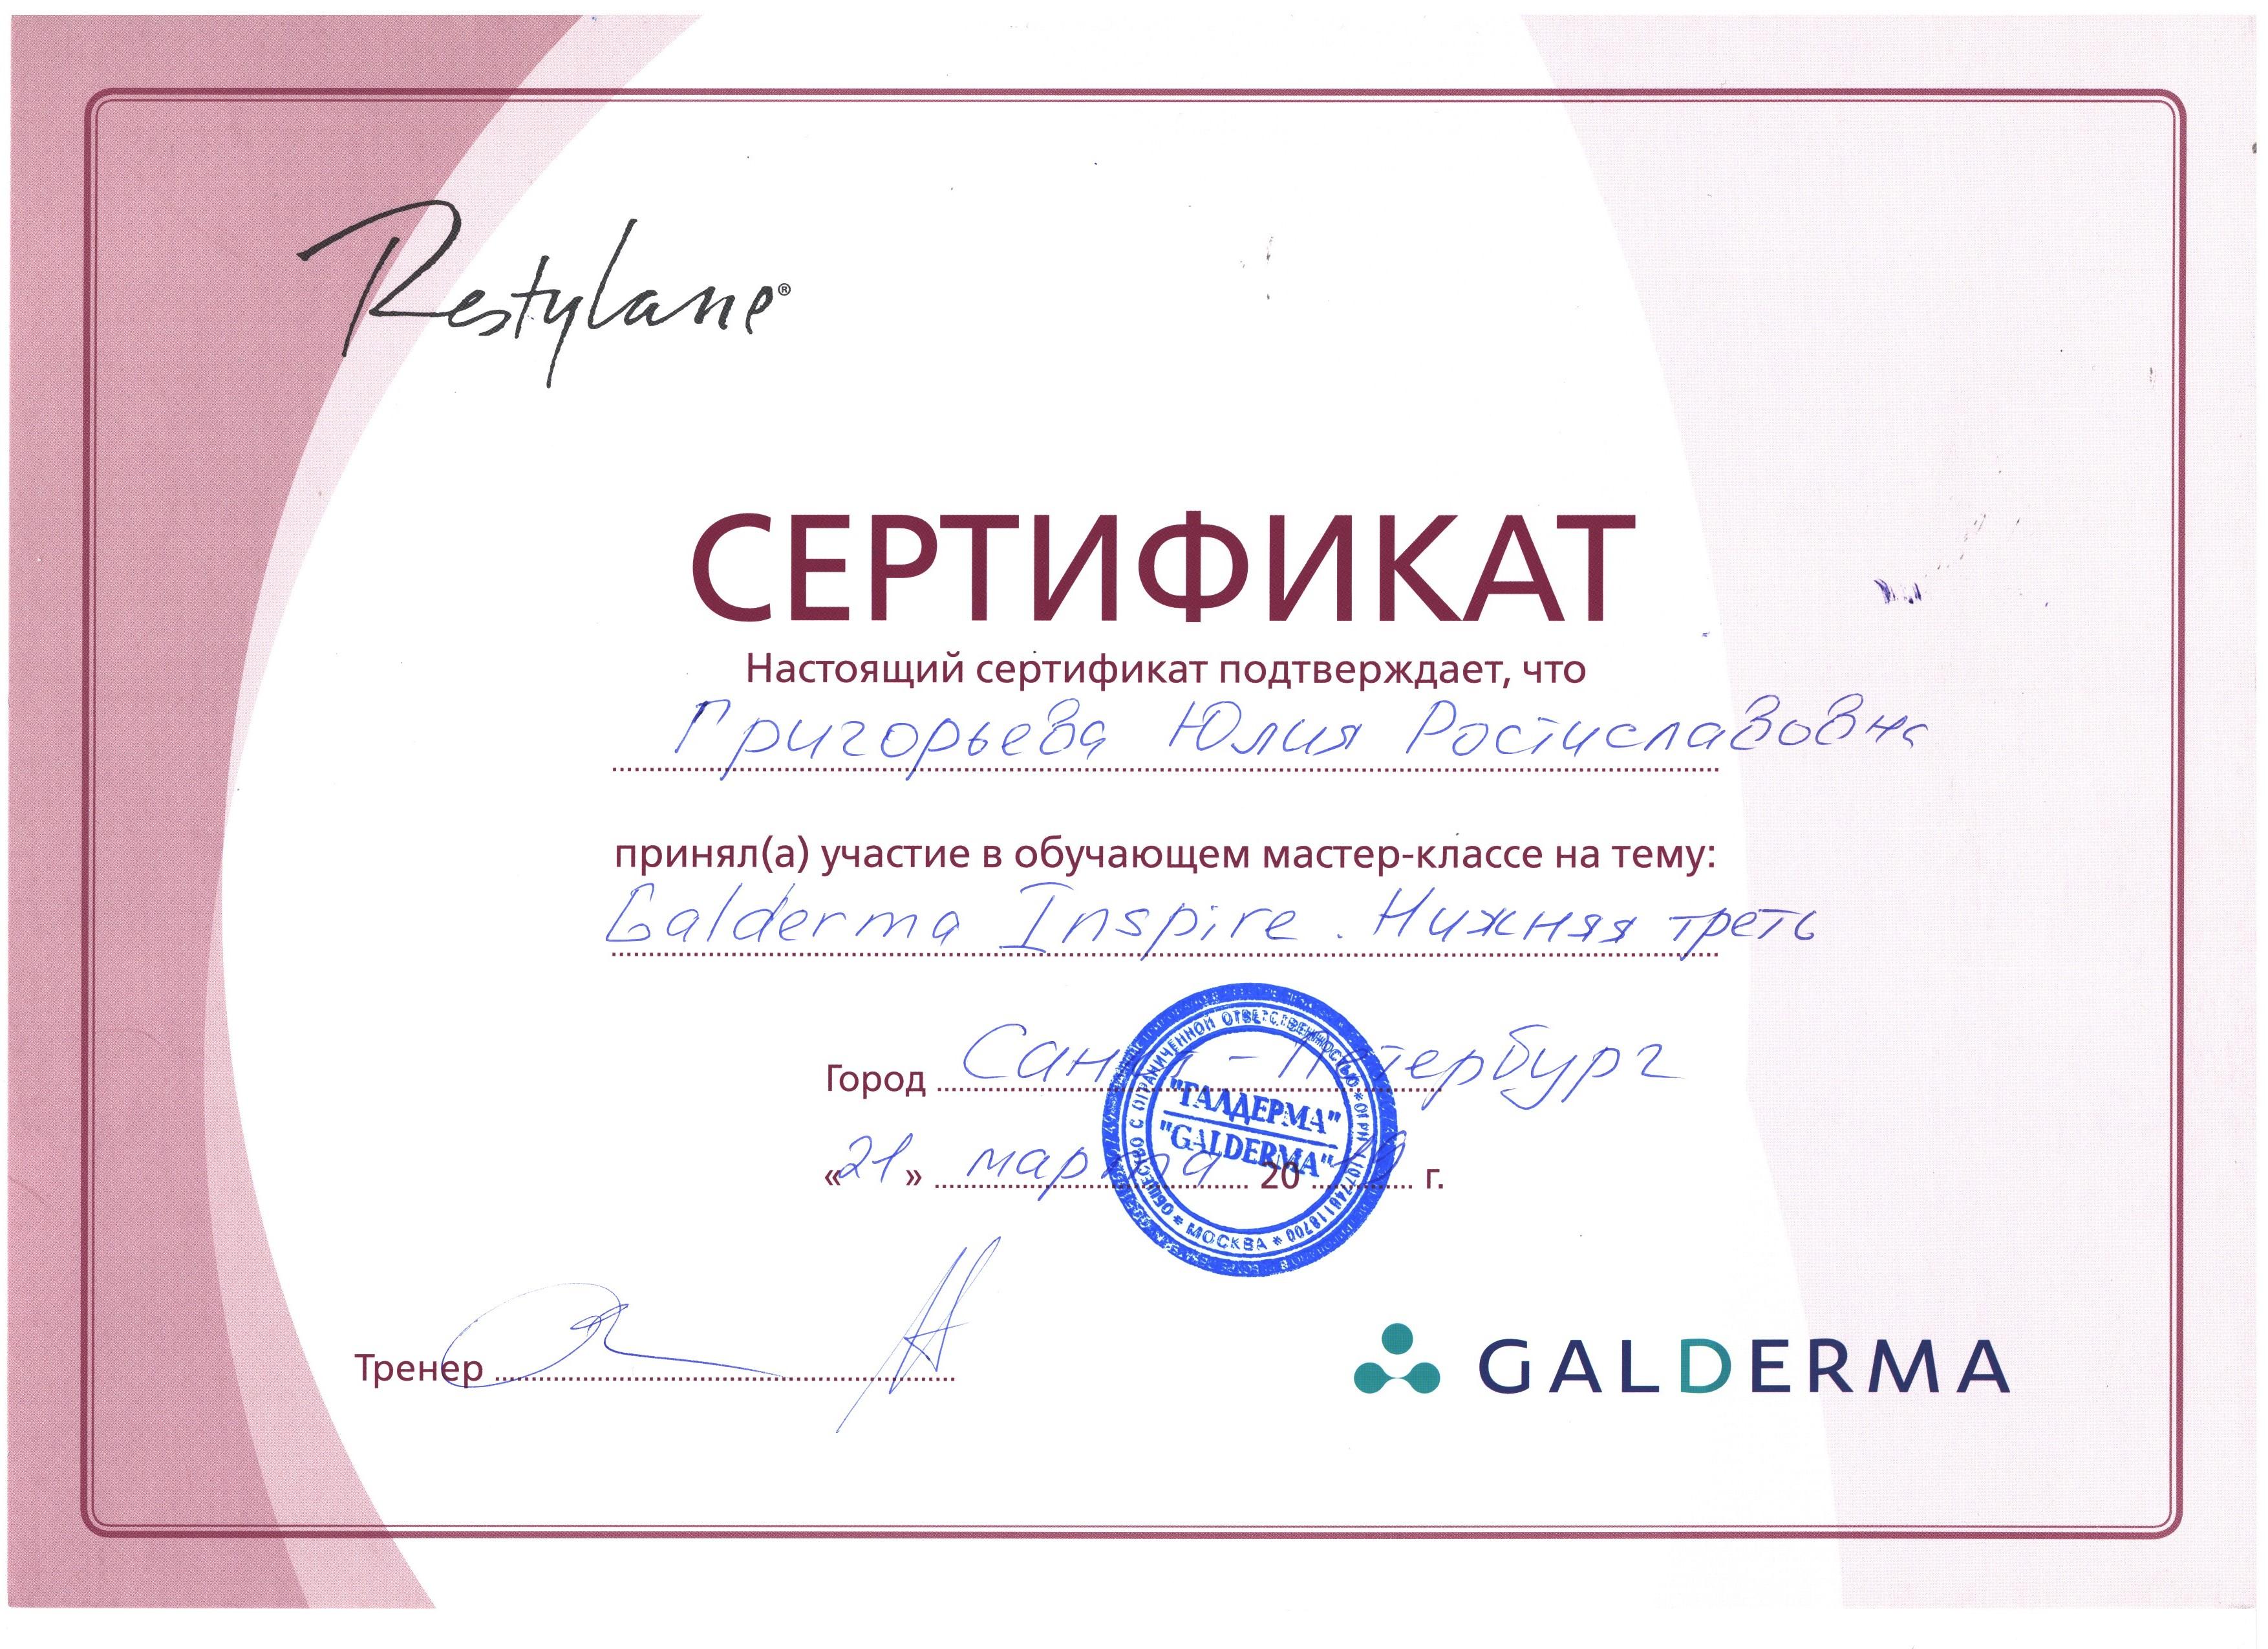 Сертификат — Galderma Inspire. Григорьева Юлия Ростиславовна